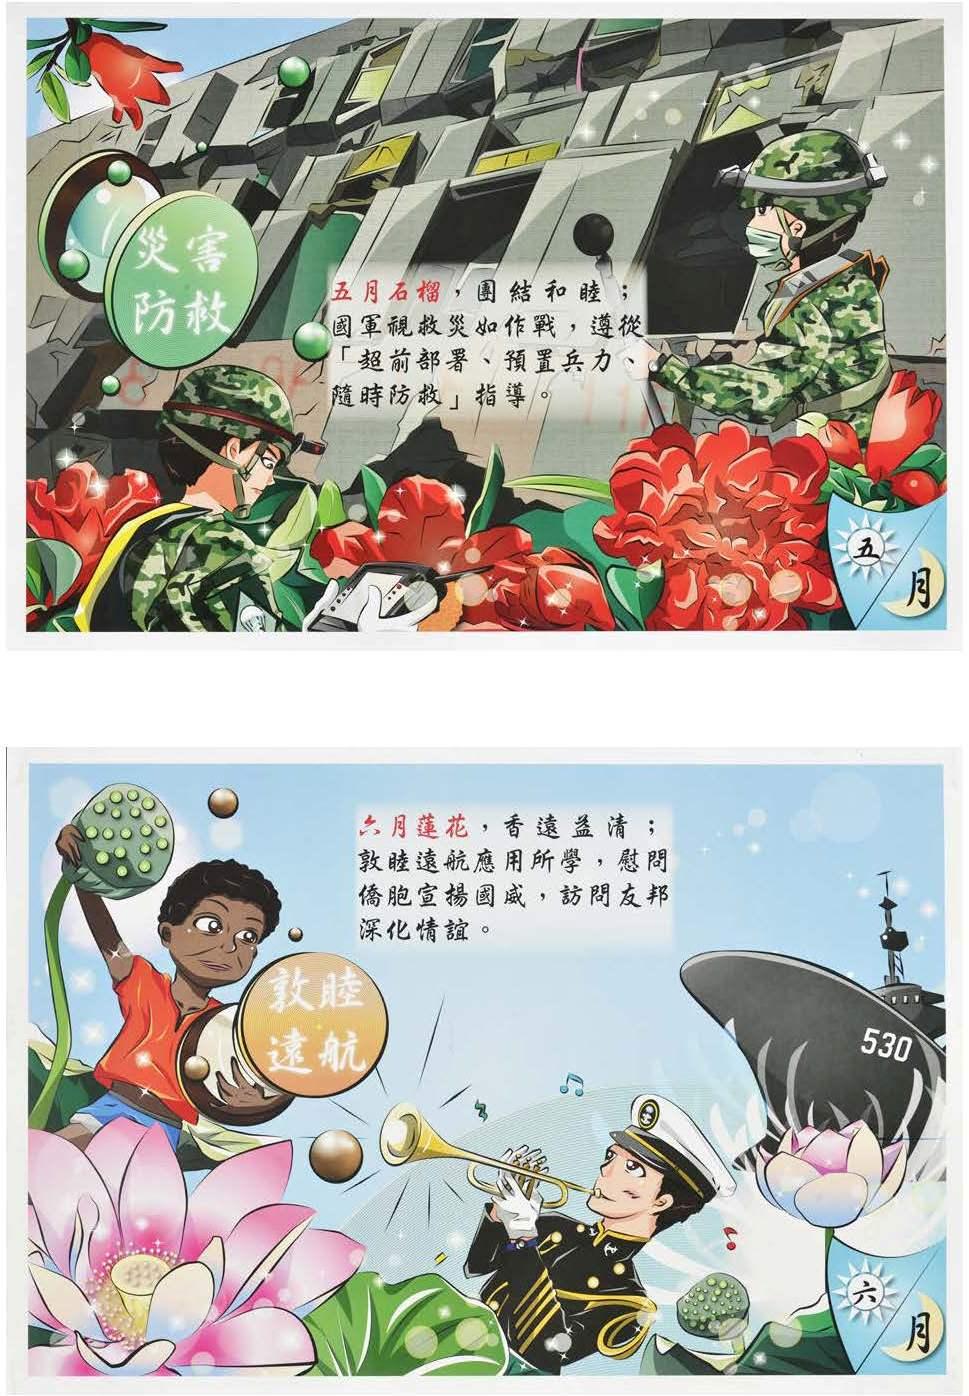 第50屆漫畫類銅像獎作品_傳承‧花月令4_蘇元津.jpg